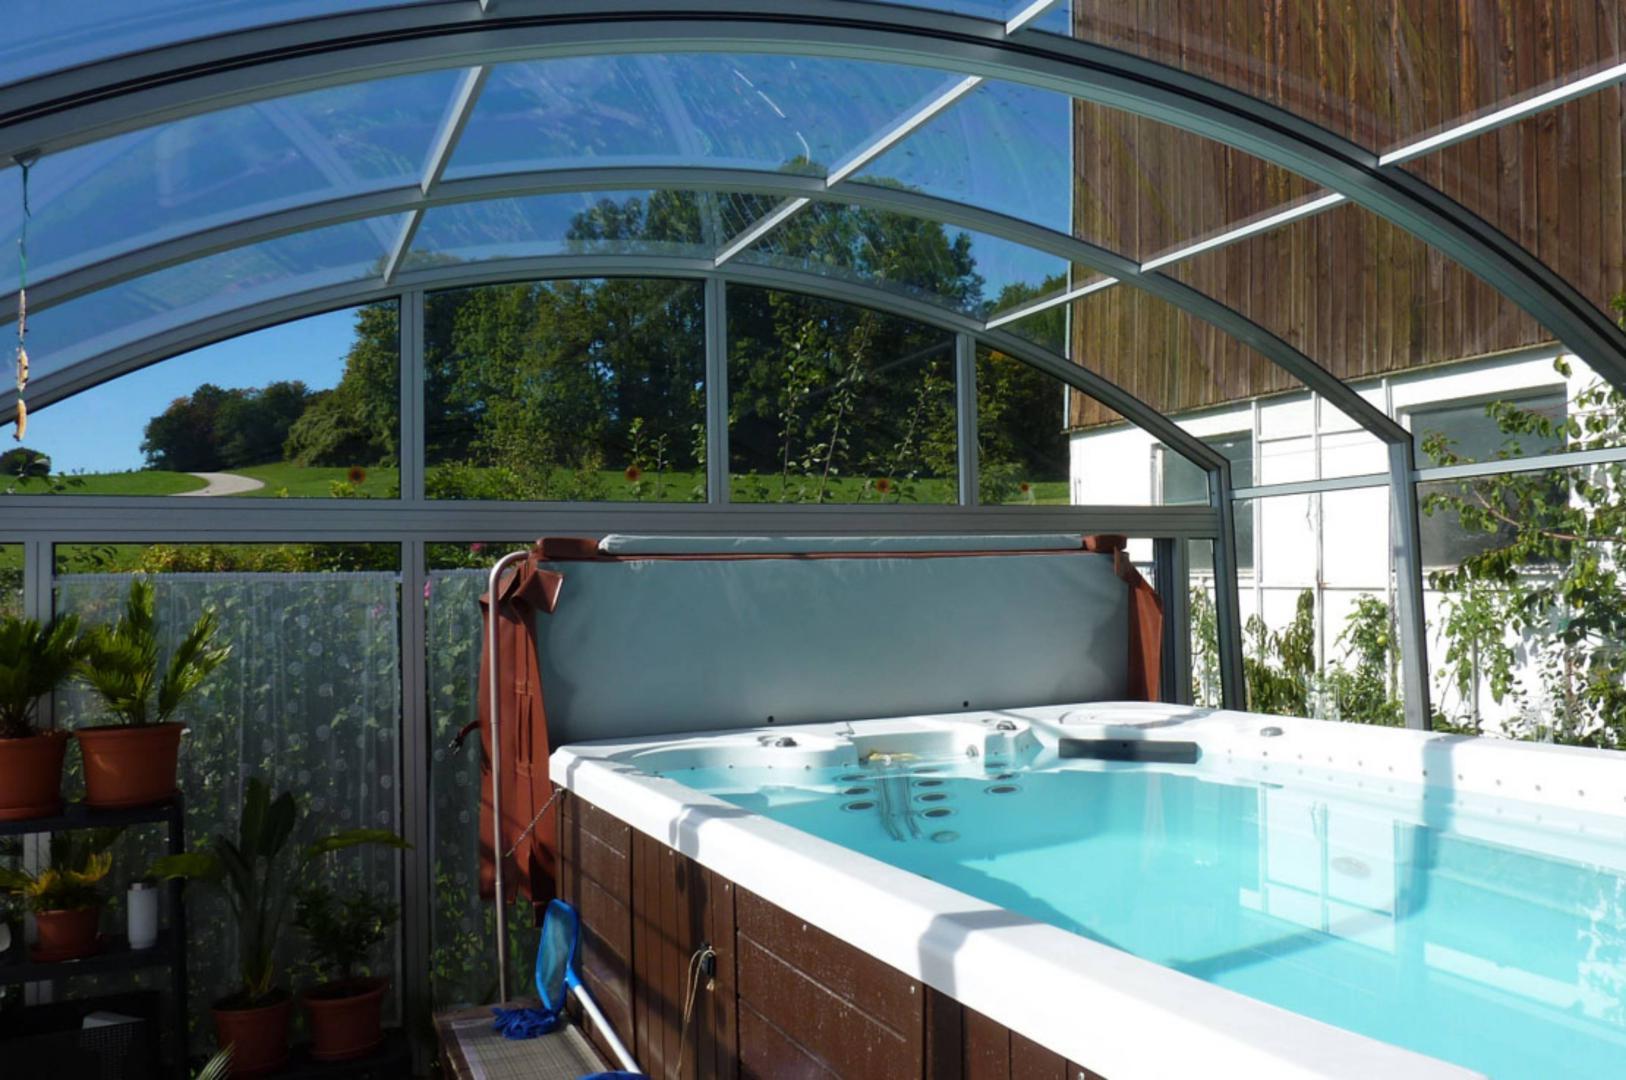 abri de spa de nage toutes les solutions mobiles pour. Black Bedroom Furniture Sets. Home Design Ideas